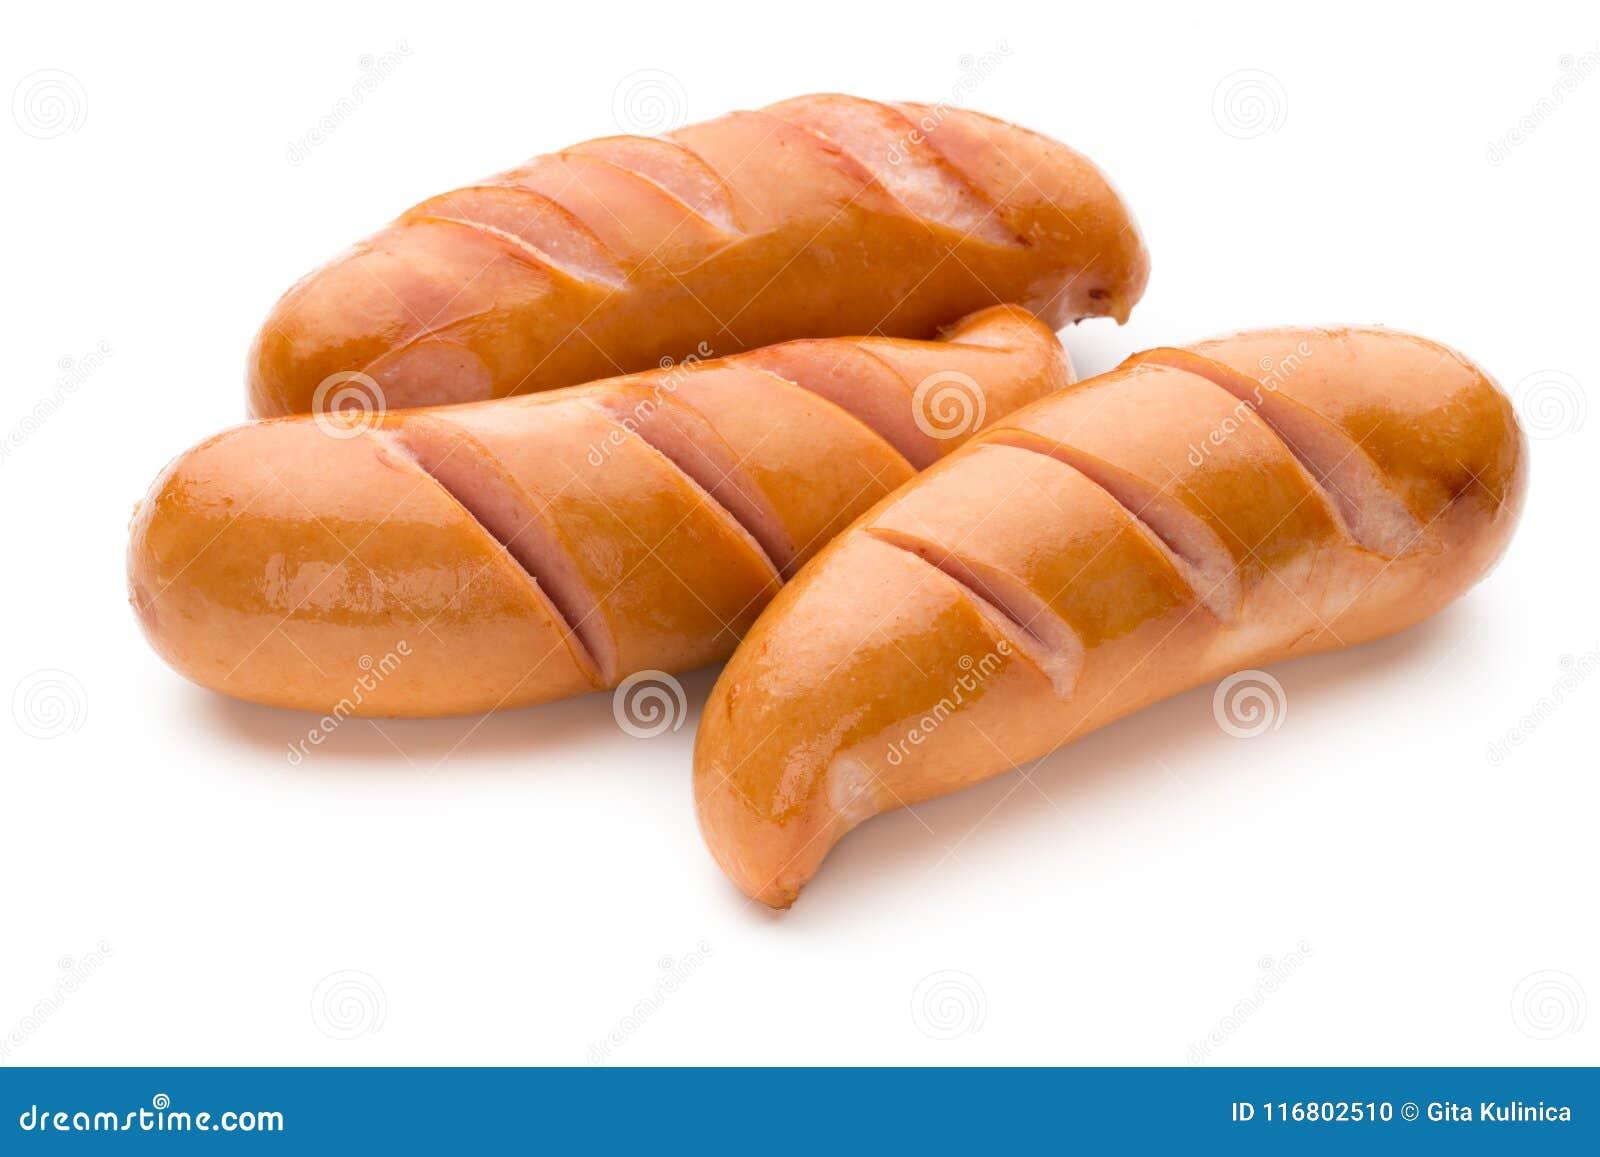 Salsiccia di maiale isolata su fondo bianco